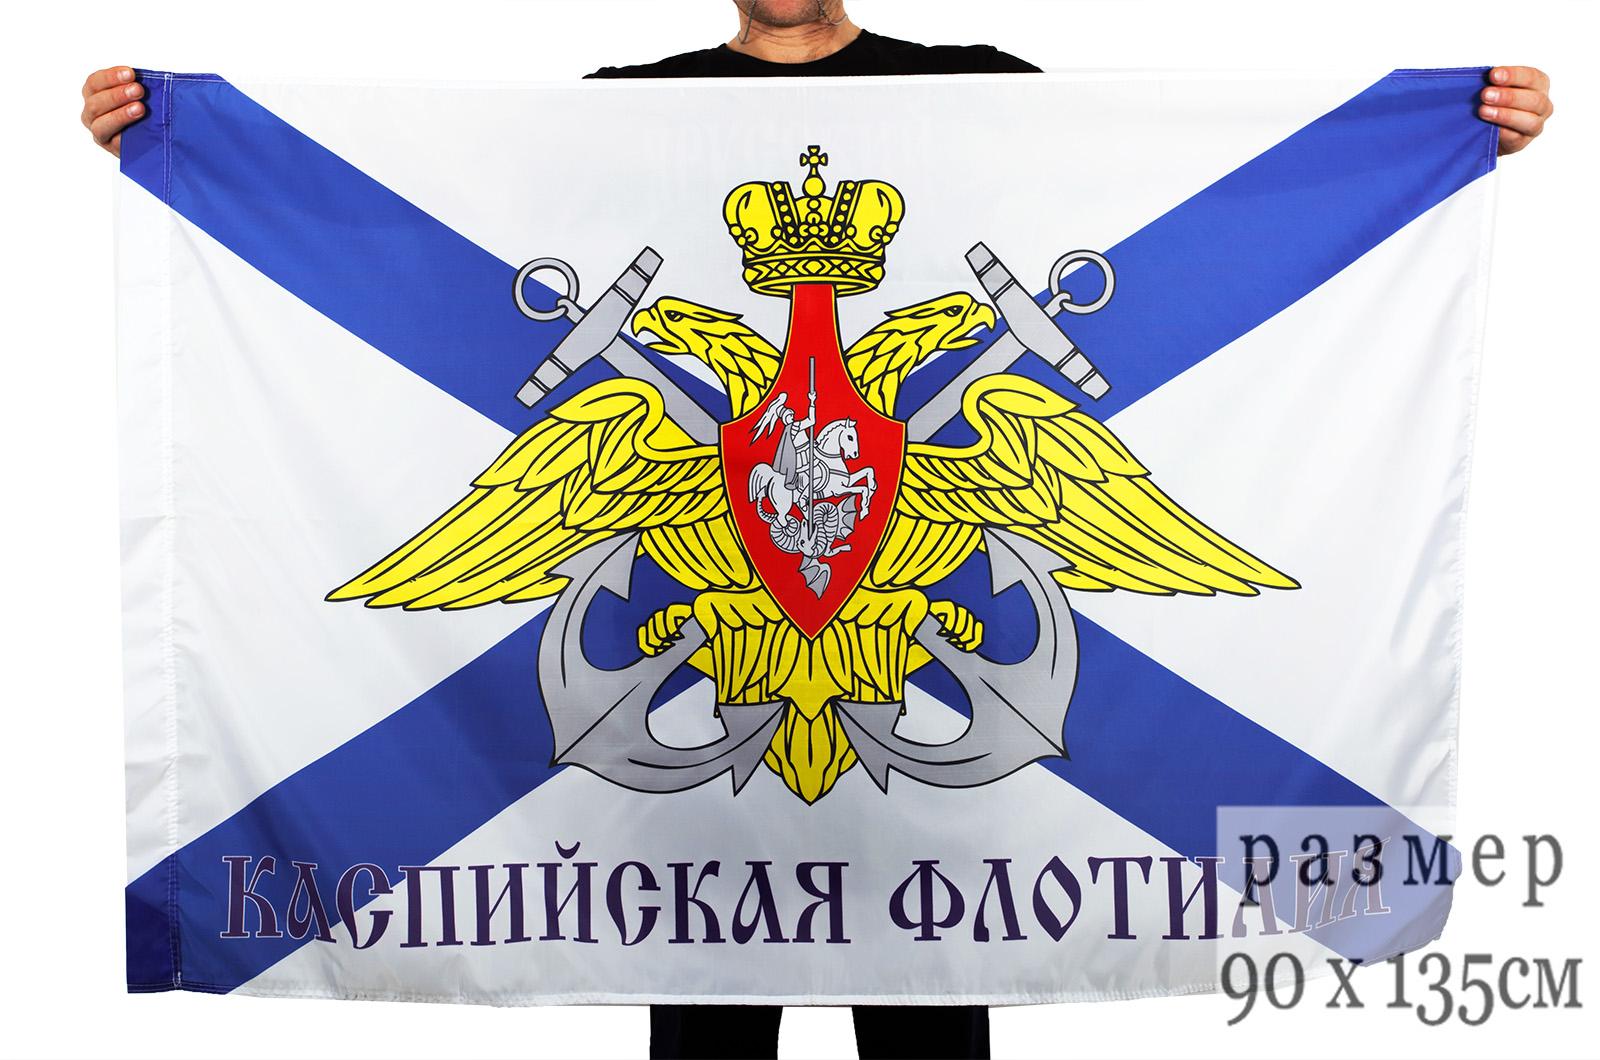 Купить флаг Каспийская флотилия